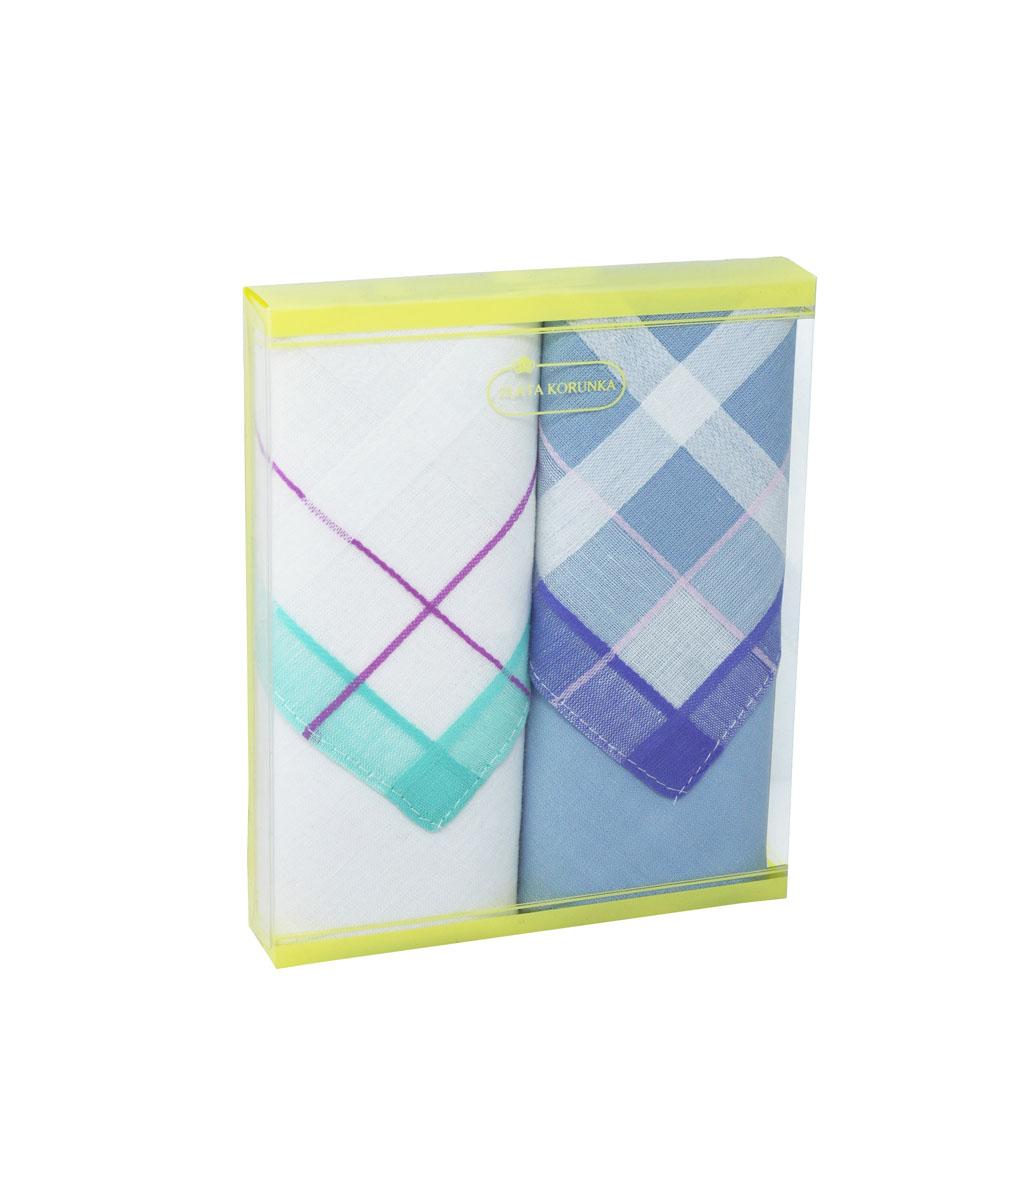 71225-1 Zlata Korunka Носовой платок женский, цвет: мультиколор, 34х34 см, 2 шт71225-1Платки носовые женские в упаковке по 2 шт. Носовые платки изготовлены из 100% хлопка, так как этот материал приятен в использовании, хорошо стирается, не садится, отлично впитывает влагу.